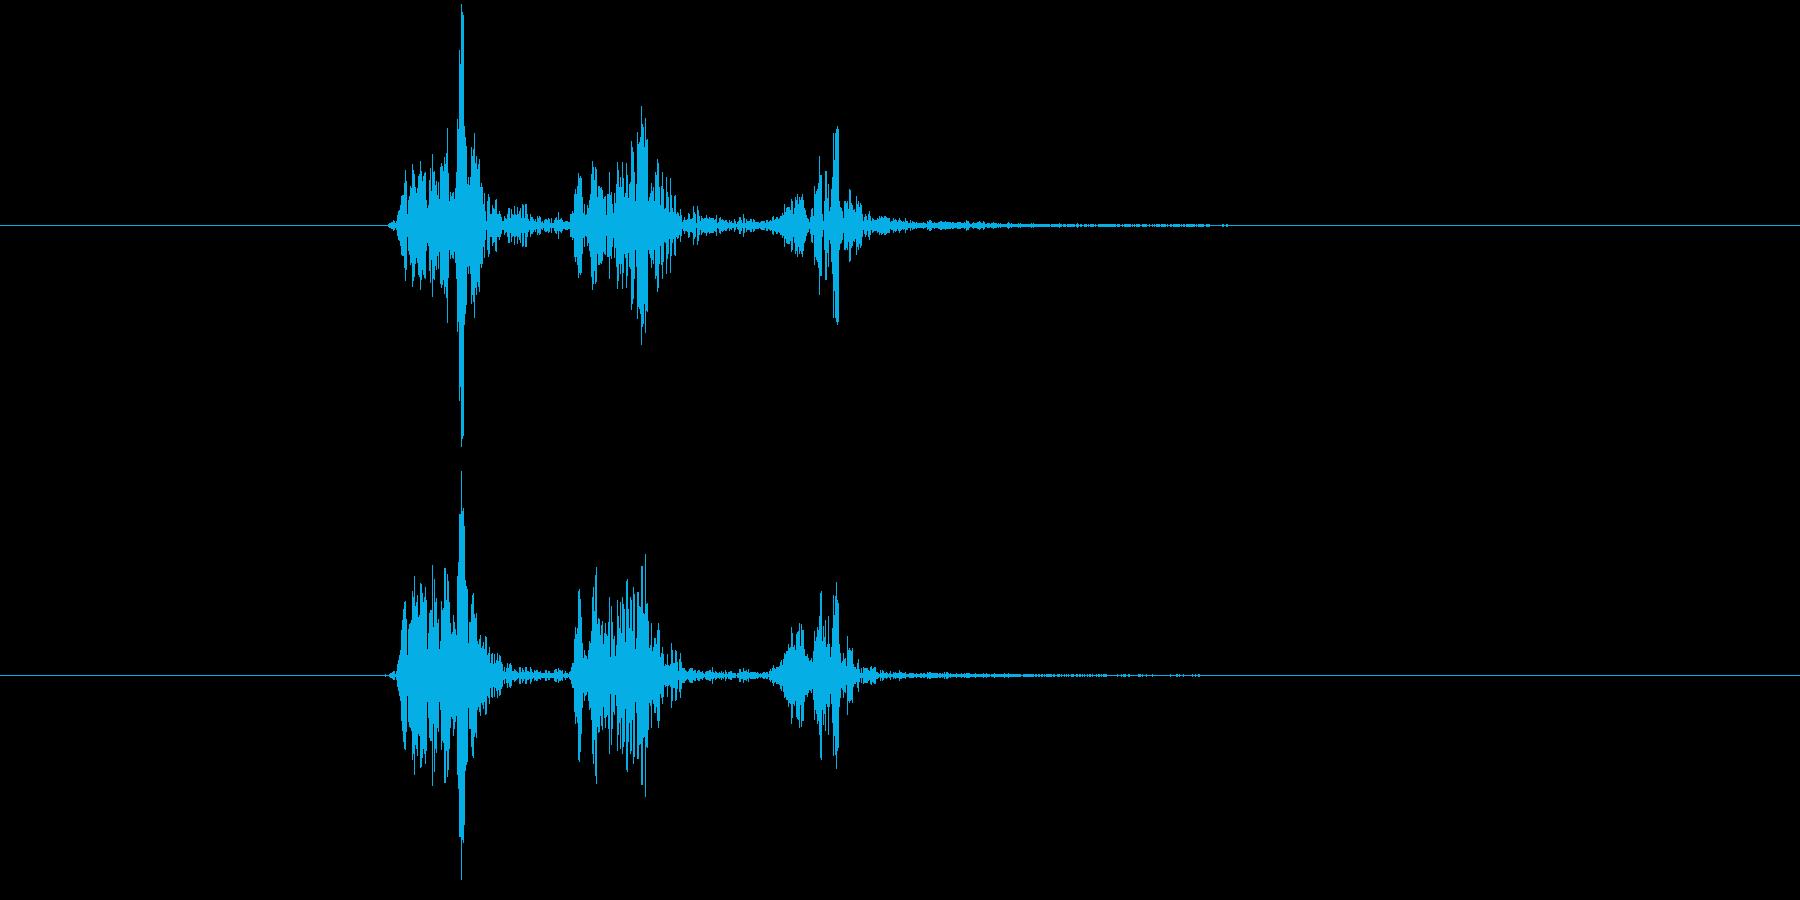 鞭や縄などの風切り音の再生済みの波形